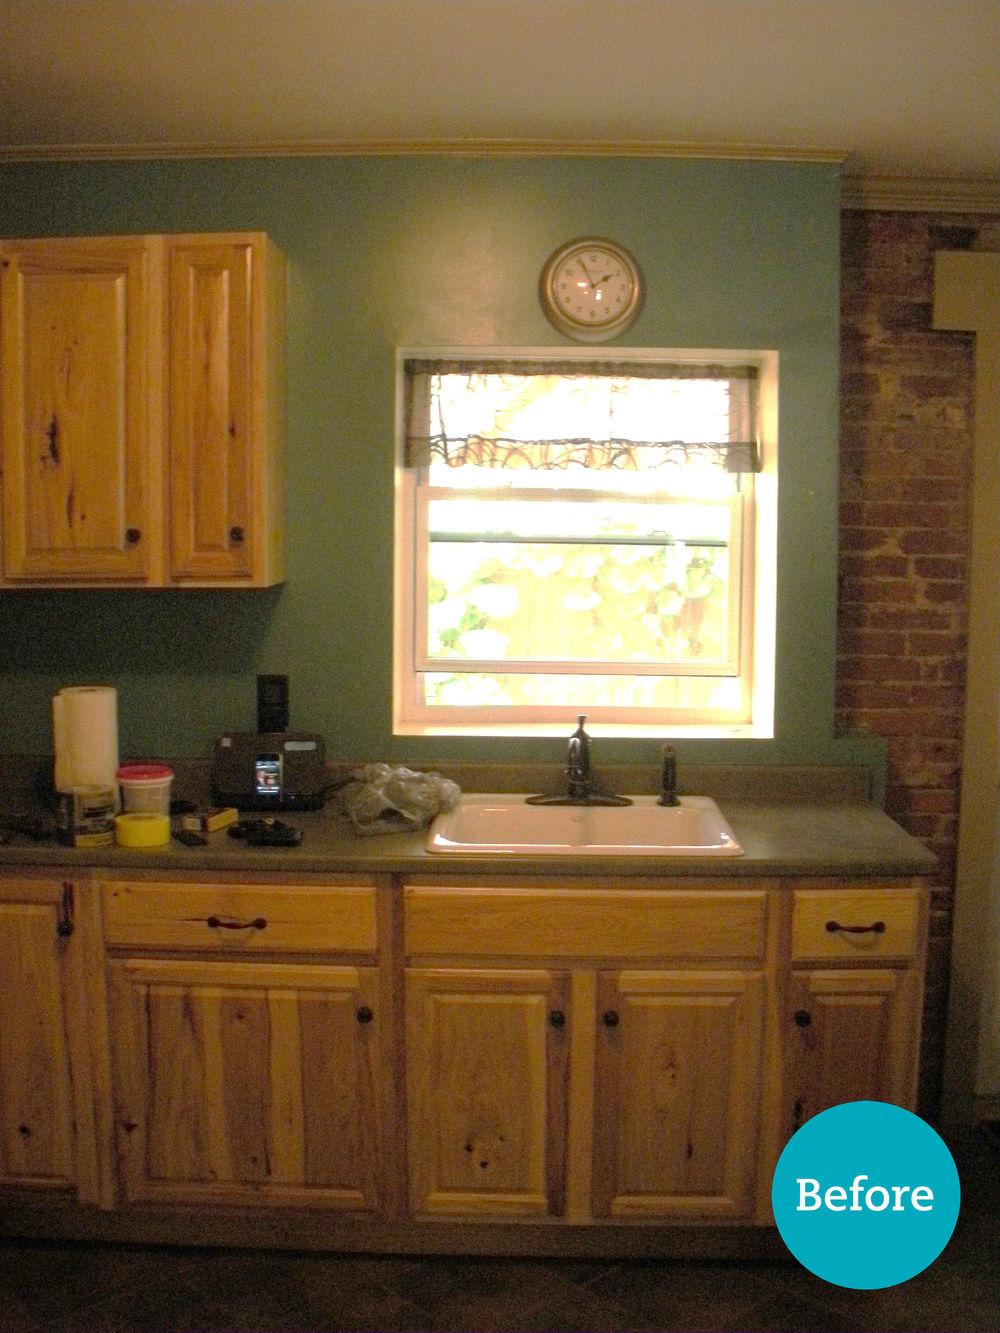 Dark, traditional style kitchen.